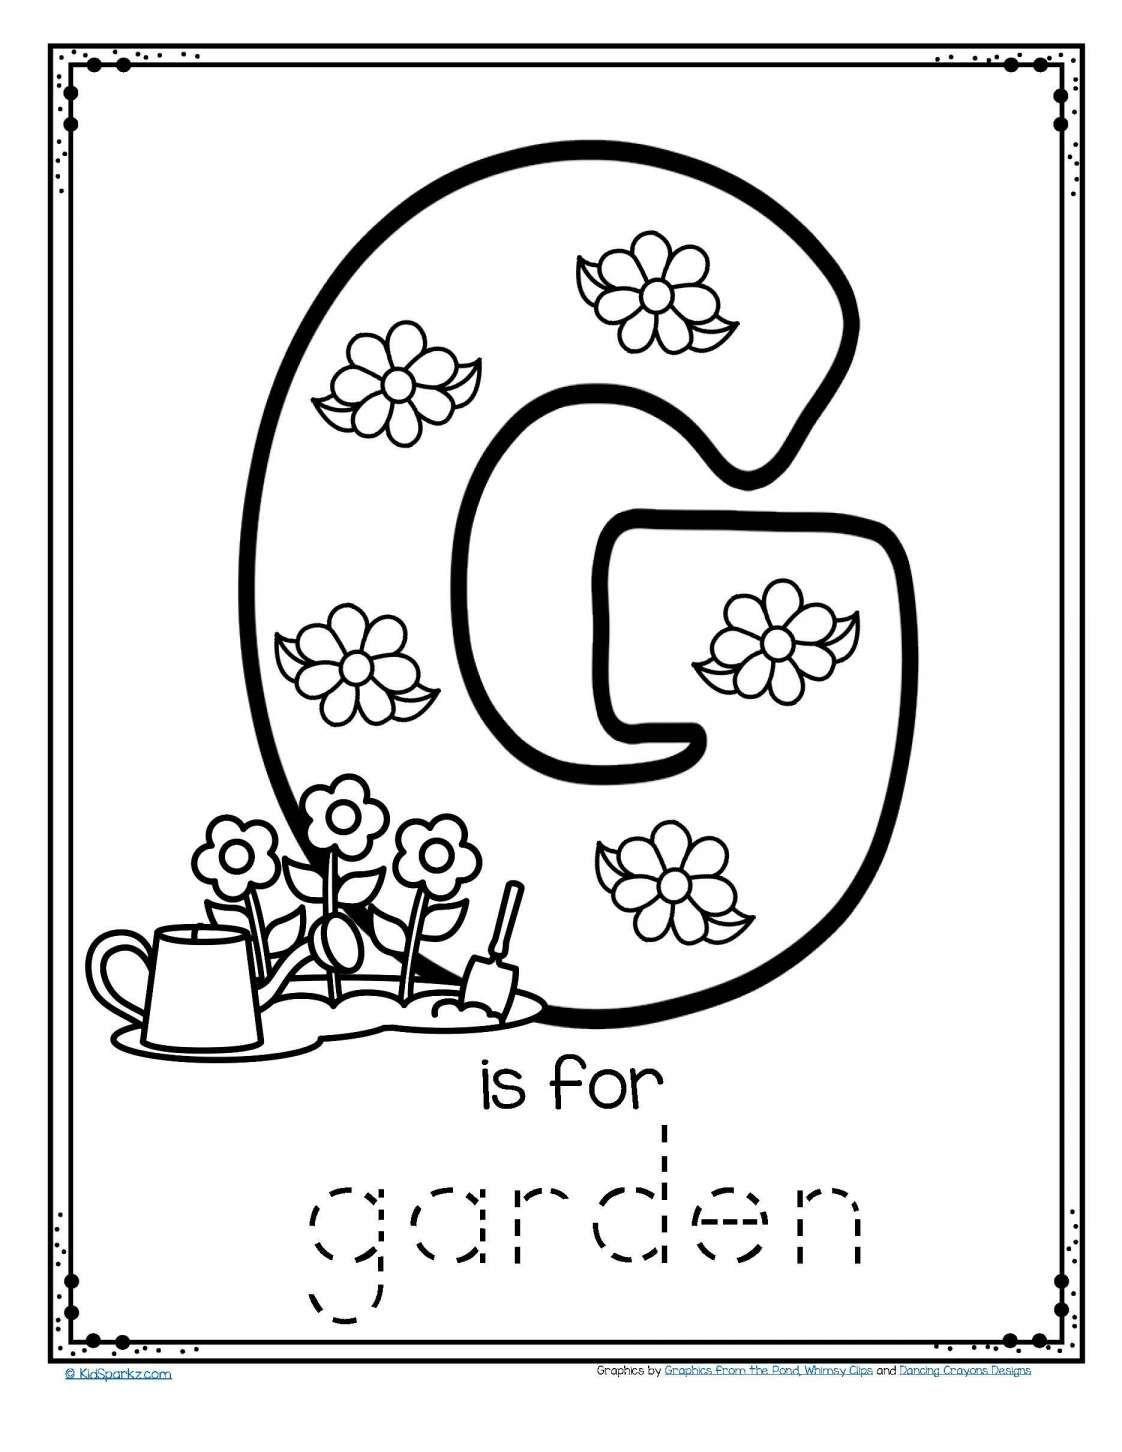 7 Preschool Letter G Garden Worksheet